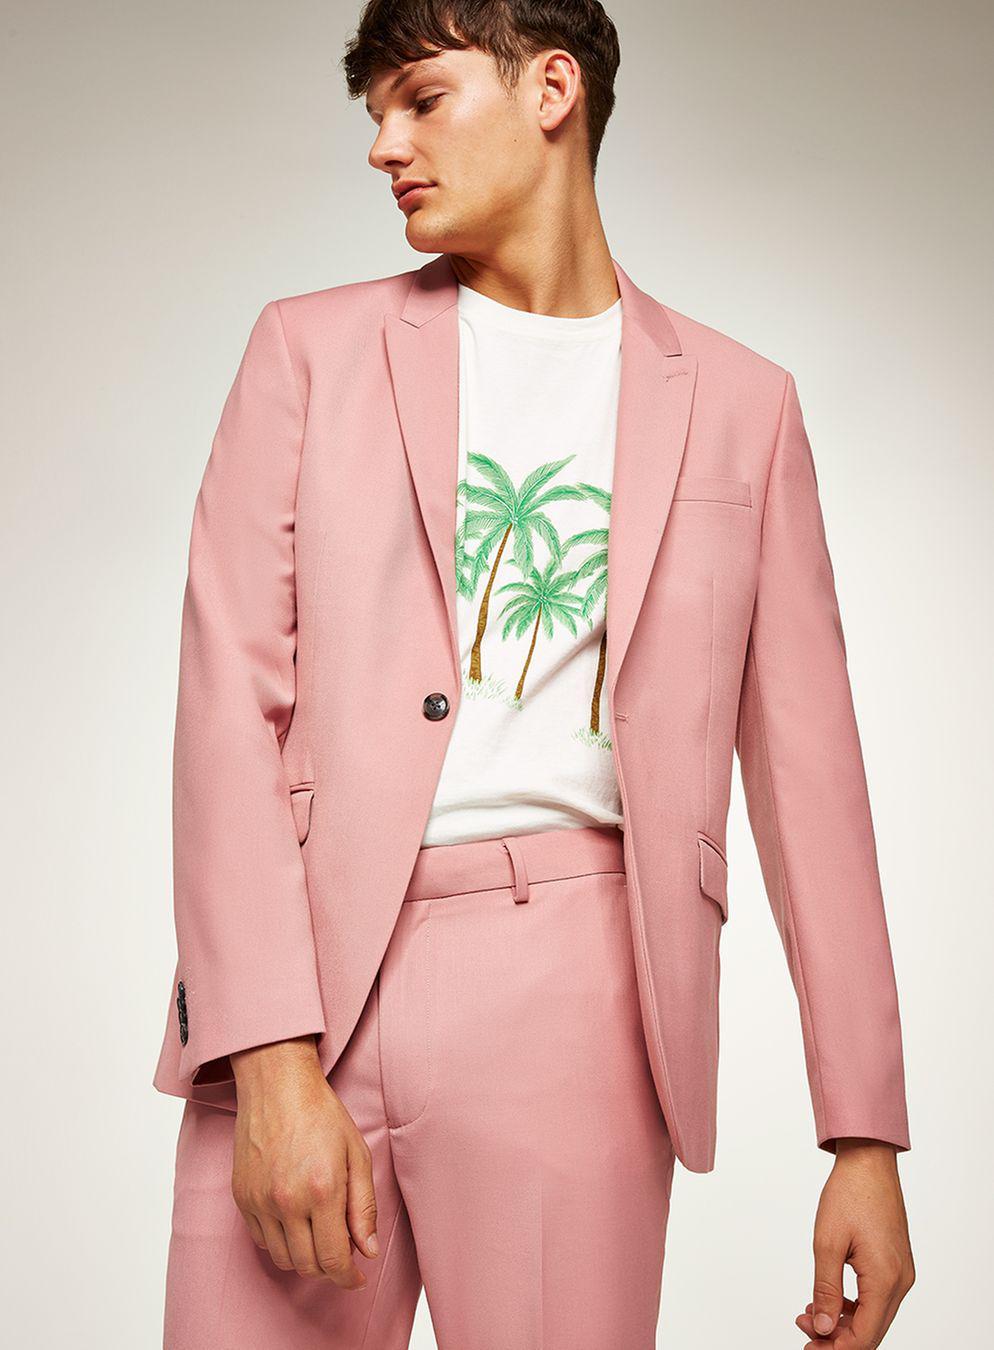 Contemporáneo Topman Wedding Suits Patrón - Colección del Vestido de ...